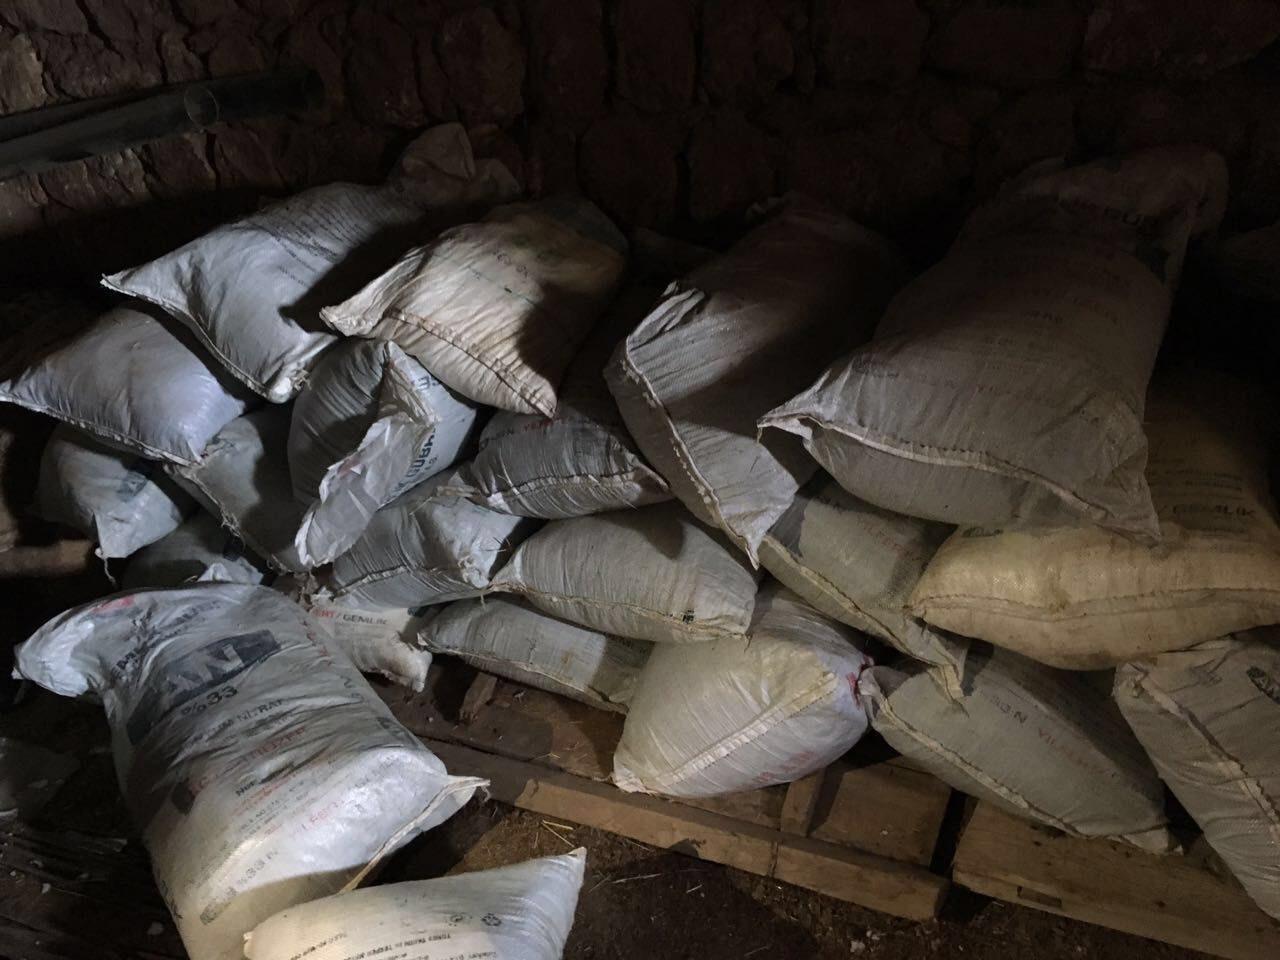 FOTO: İHA/ Evde ele geçirilen bomba yapımında kullanılan malzemeler...